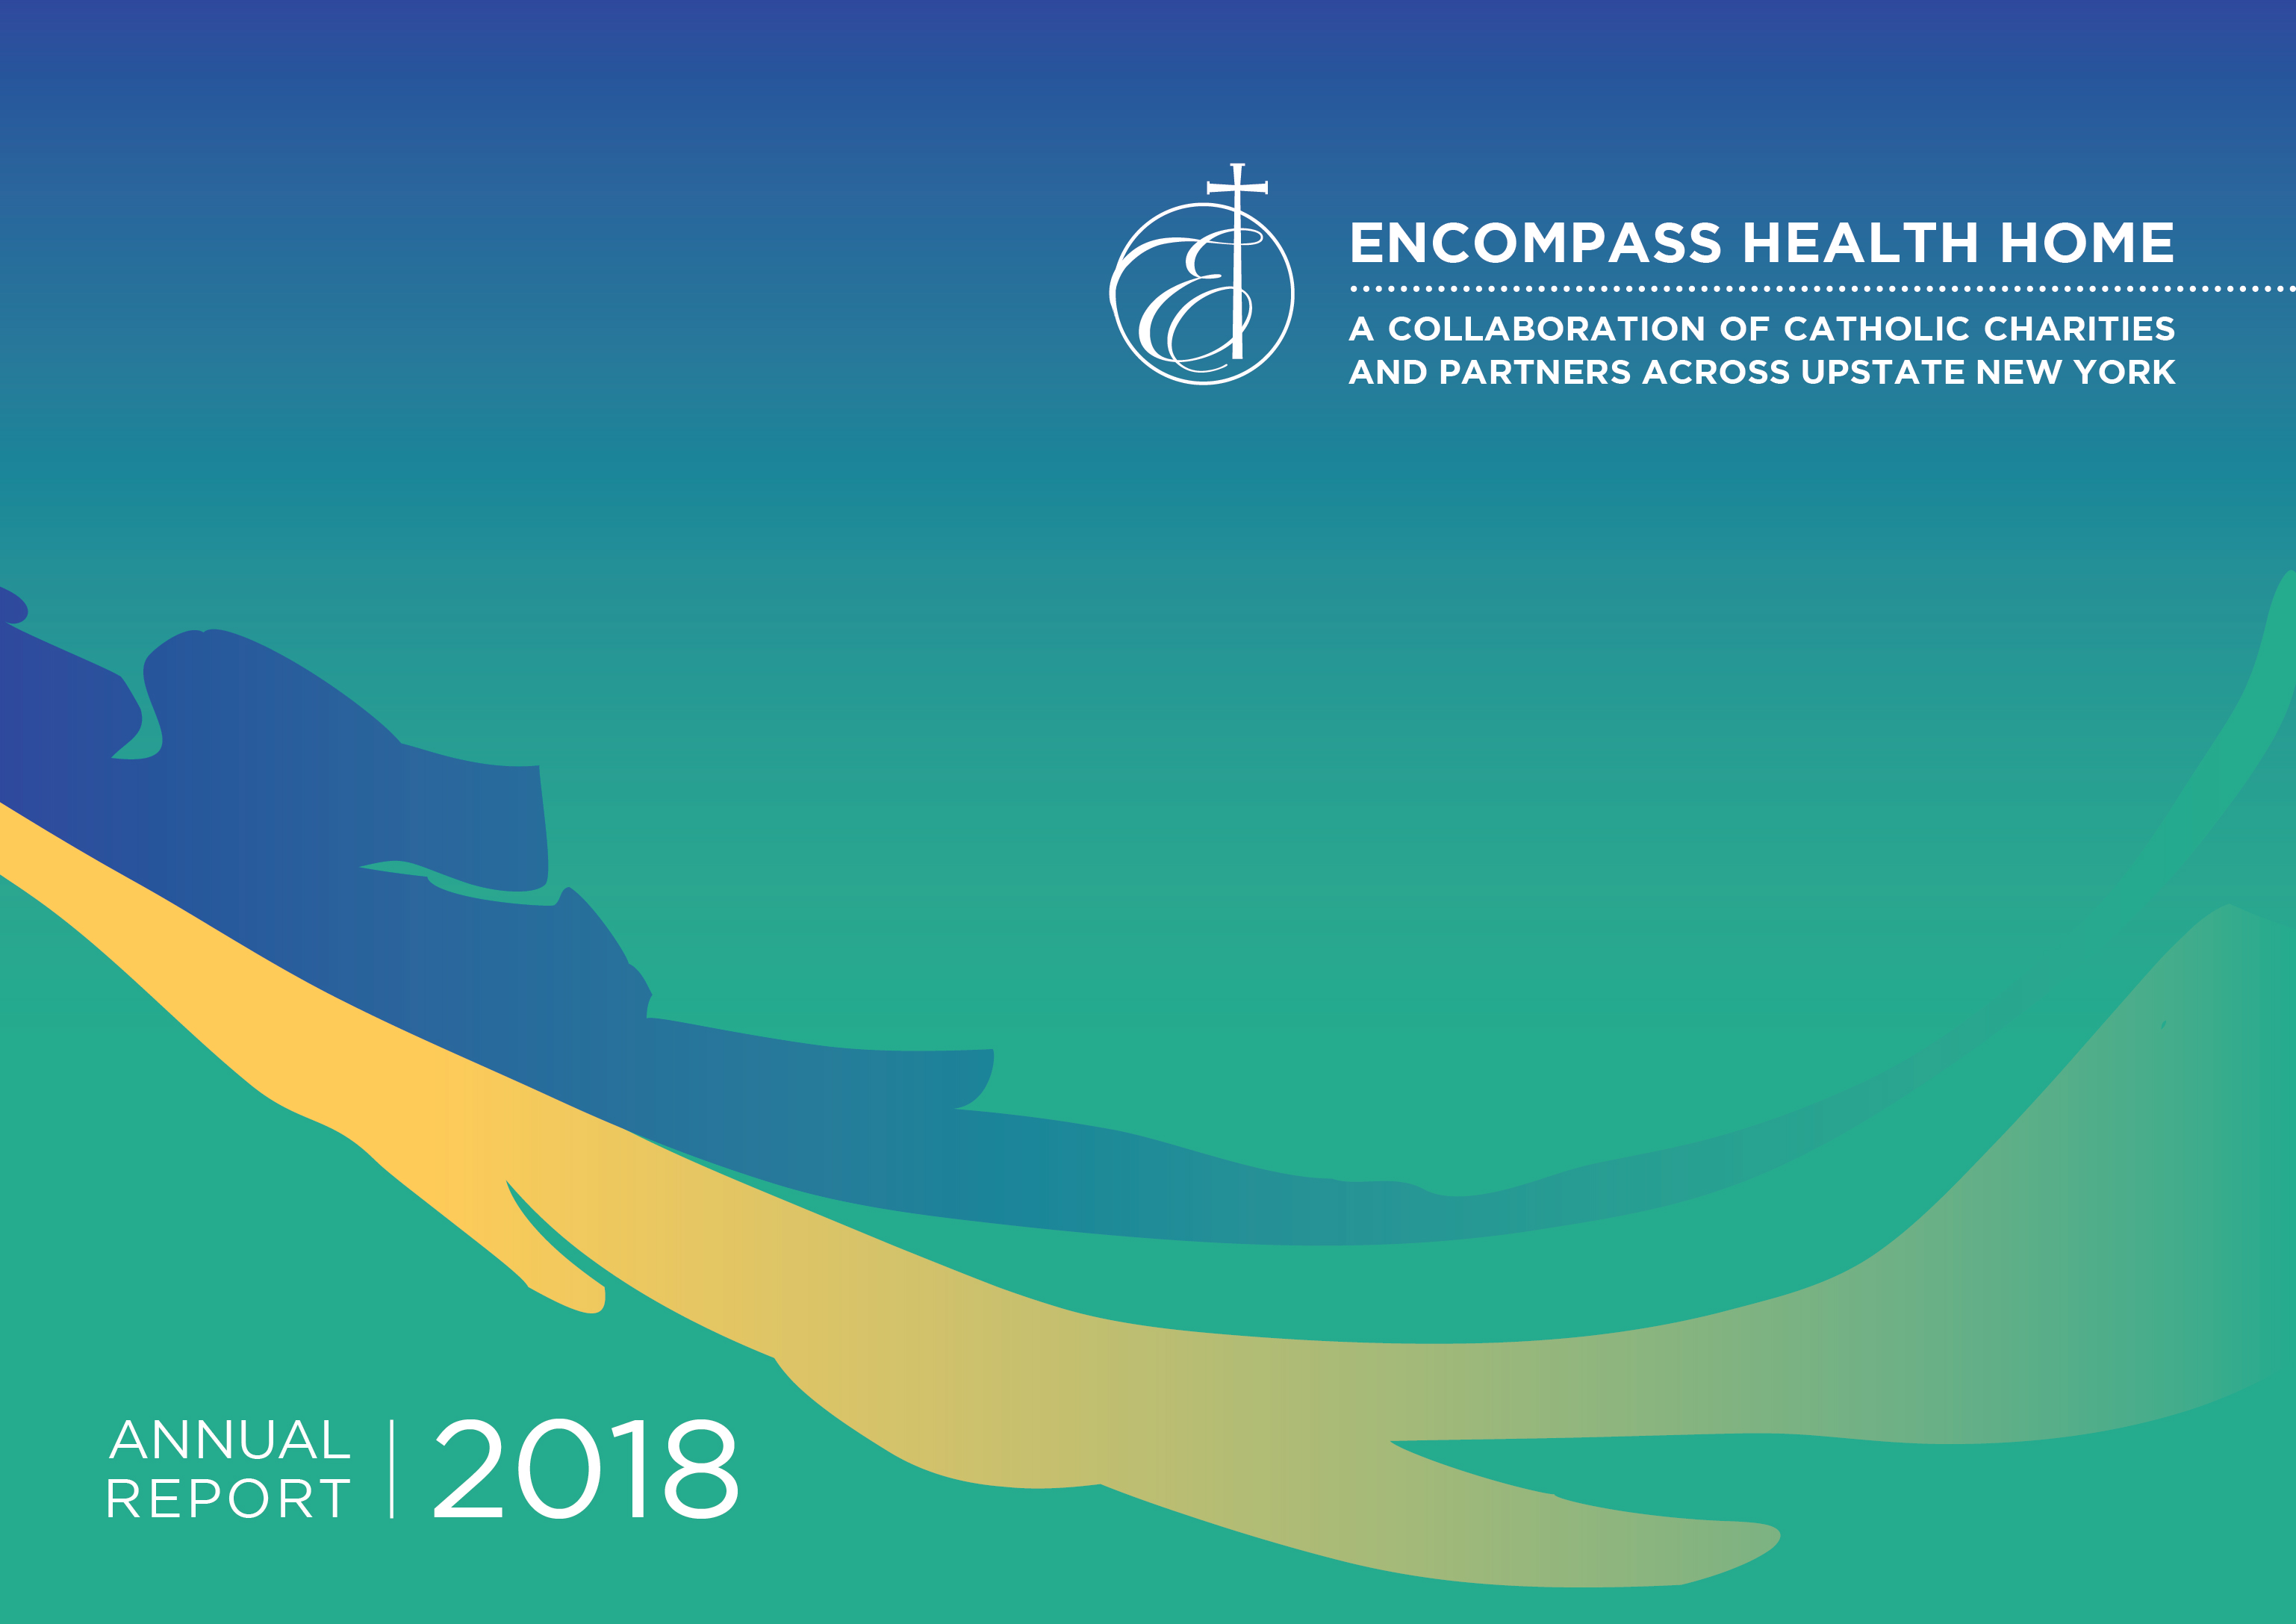 Encompass Health Home